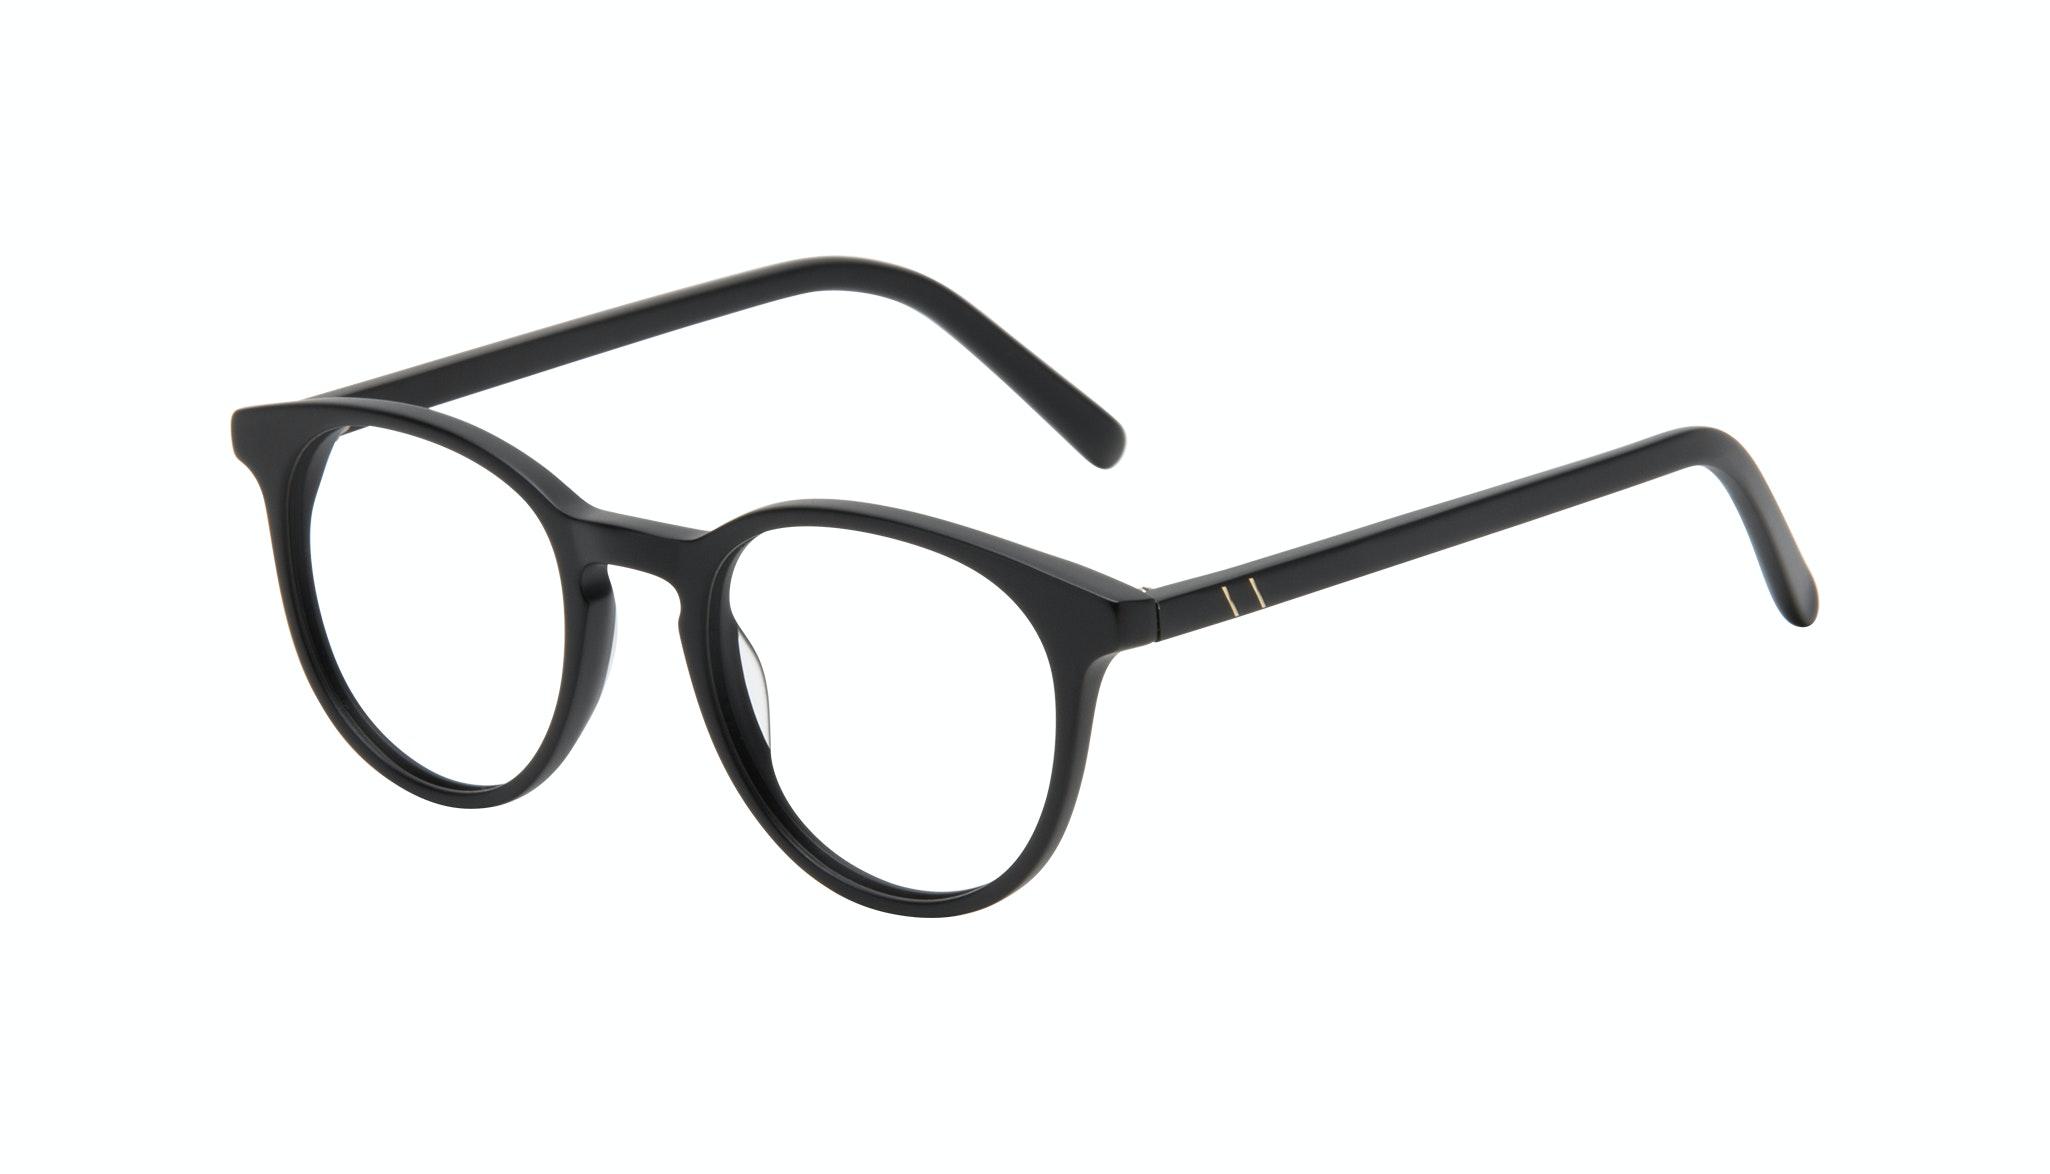 Lunettes tendance Ronde Lunettes de vue Hommes Select Black Matte Incliné